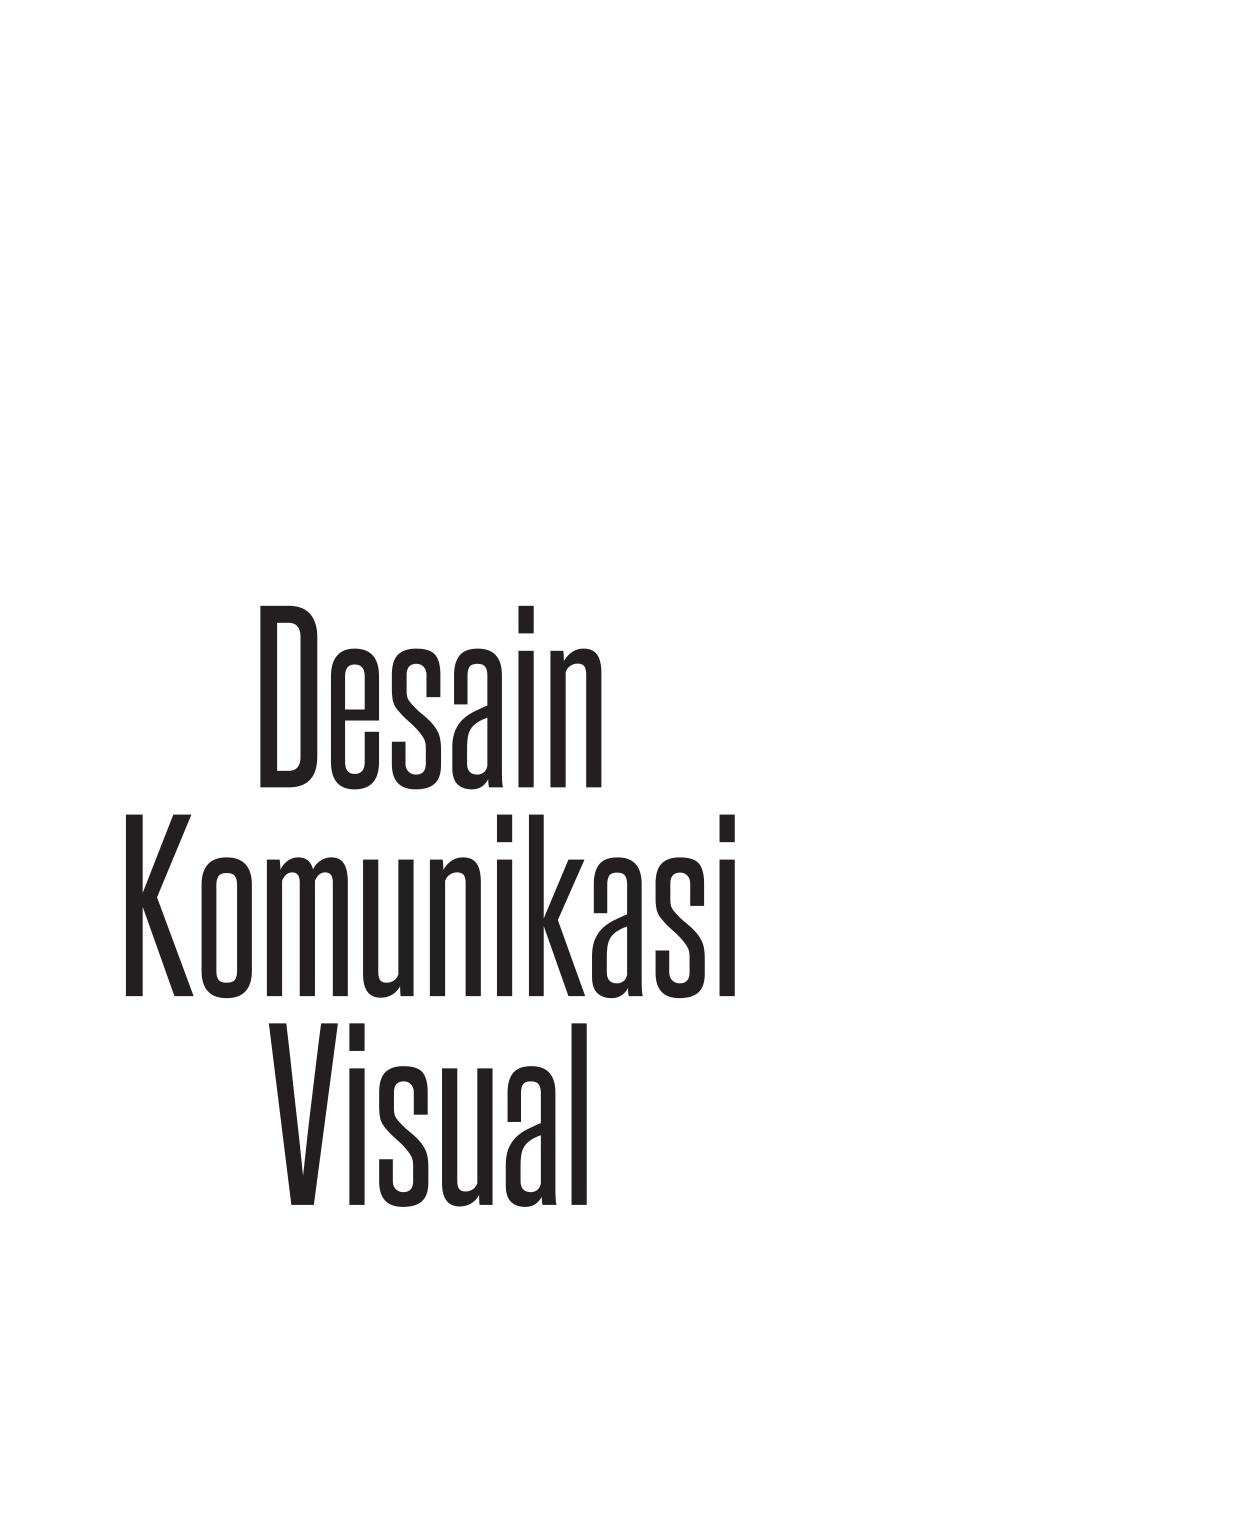 86+ Gambar Ruang Lingkup Desain Komunikasi Visual Gratis Terbaik Yang Bisa Anda Tiru